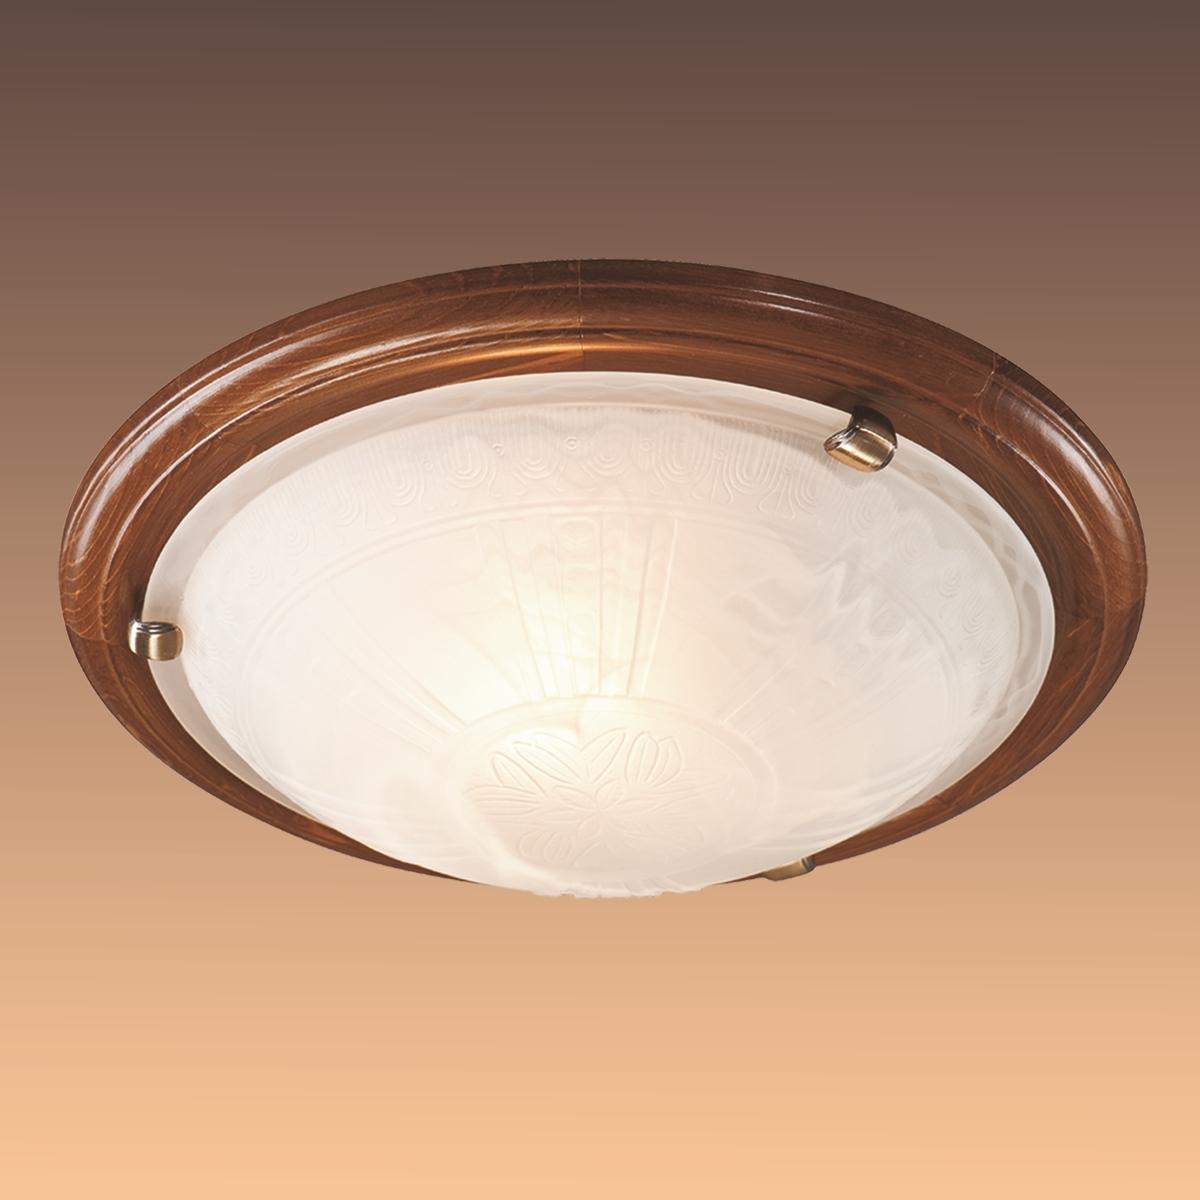 Потолочный светильник Sonex Lufe Wood 136/K - фото 4